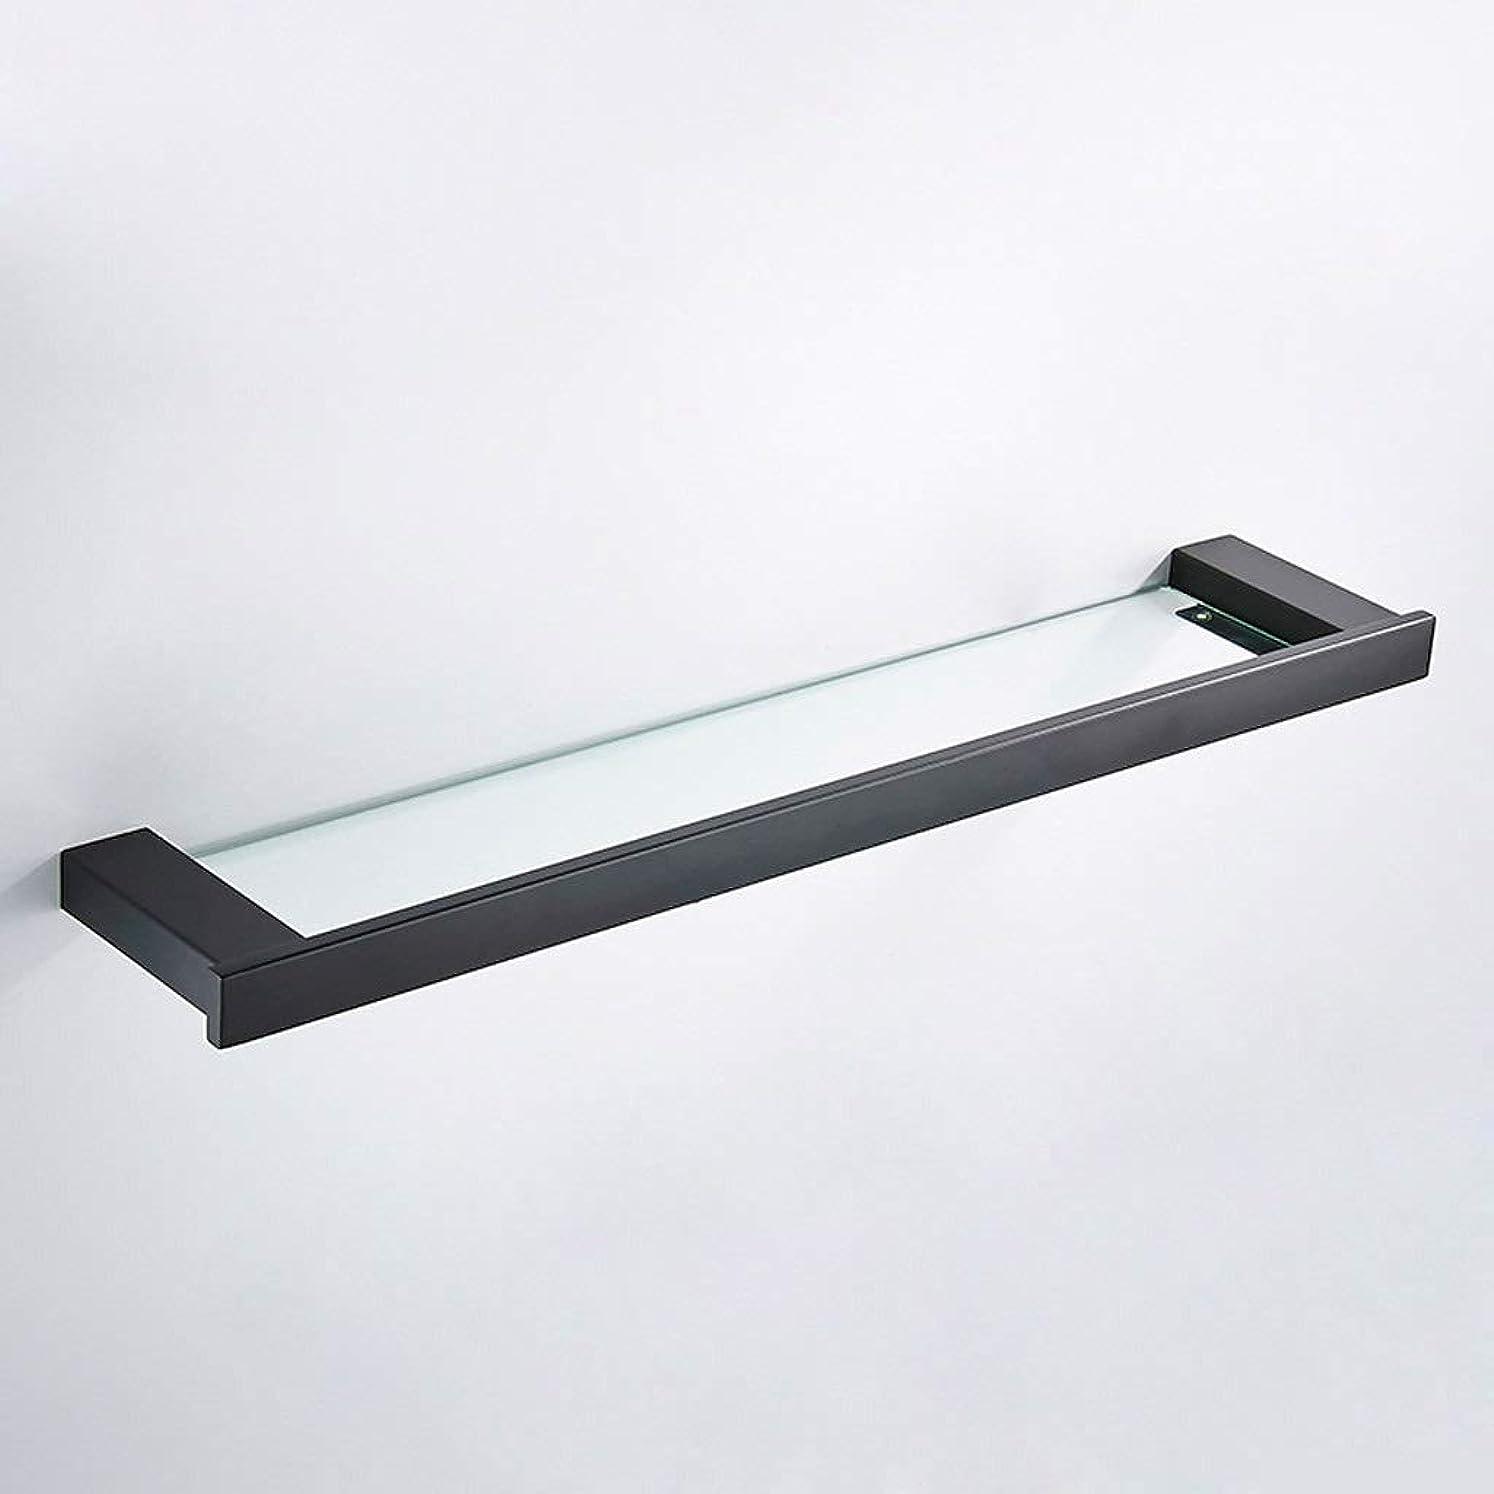 刺します配管工未使用ブラシをかけられた金のステンレス鋼304+のガラス棚の浴室の黒のドレッシングテーブル